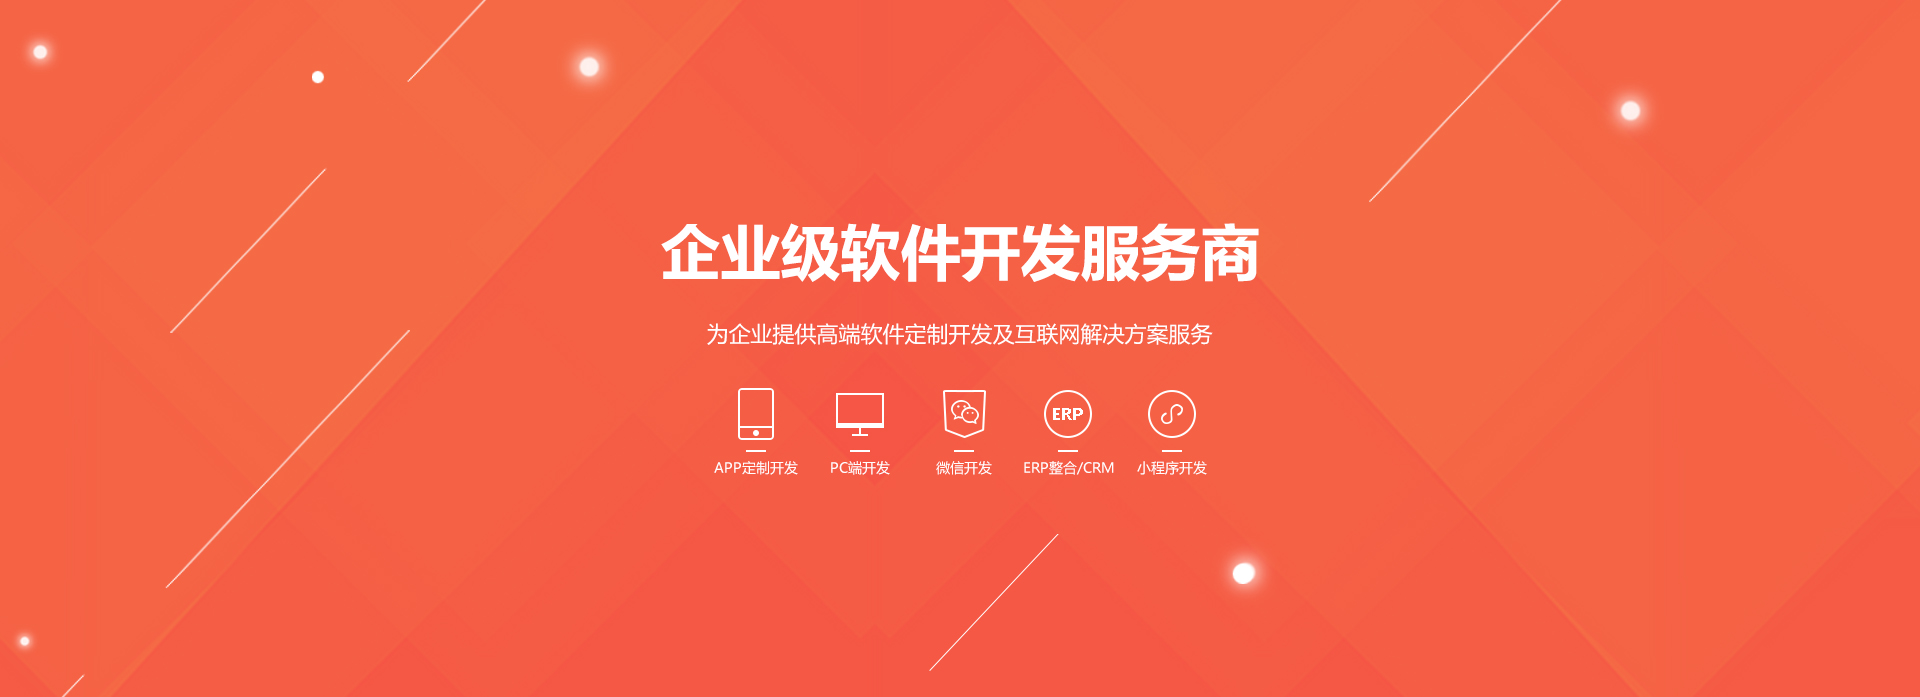 APP开发公司,手机软件开发公司,app外包公司